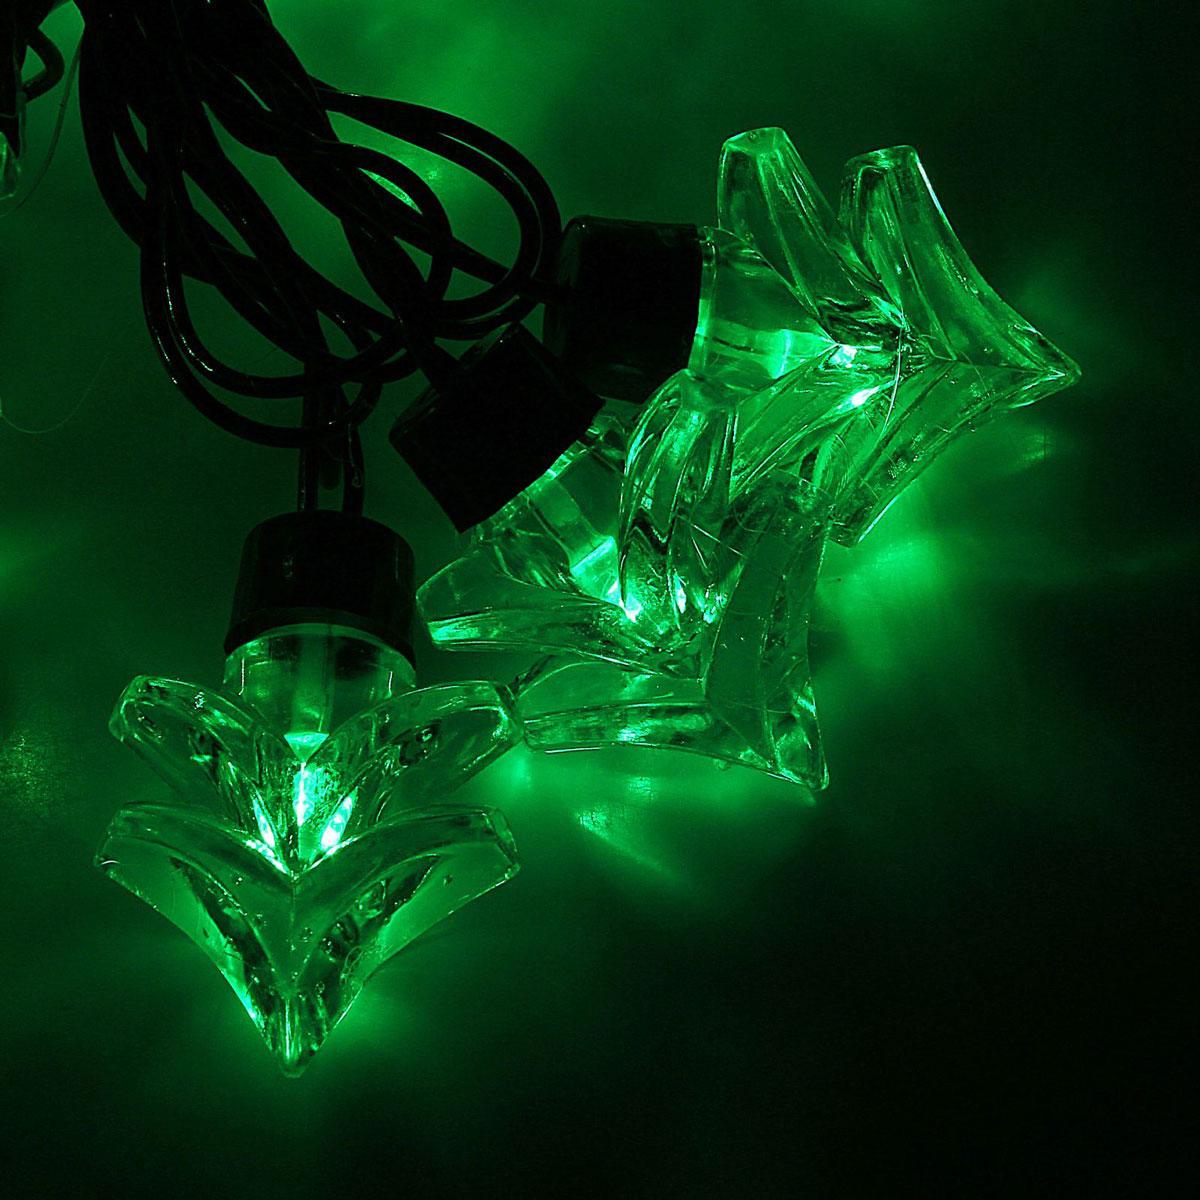 Гирлянда светодиодная Luazon Метраж. Ель большая, уличная с насадкой, 8 режимов, 30 ламп, 220 V, 5 м, цвет: зеленый. 1080129 гирлянда luazon дождь 2m 6m multicolor 671678